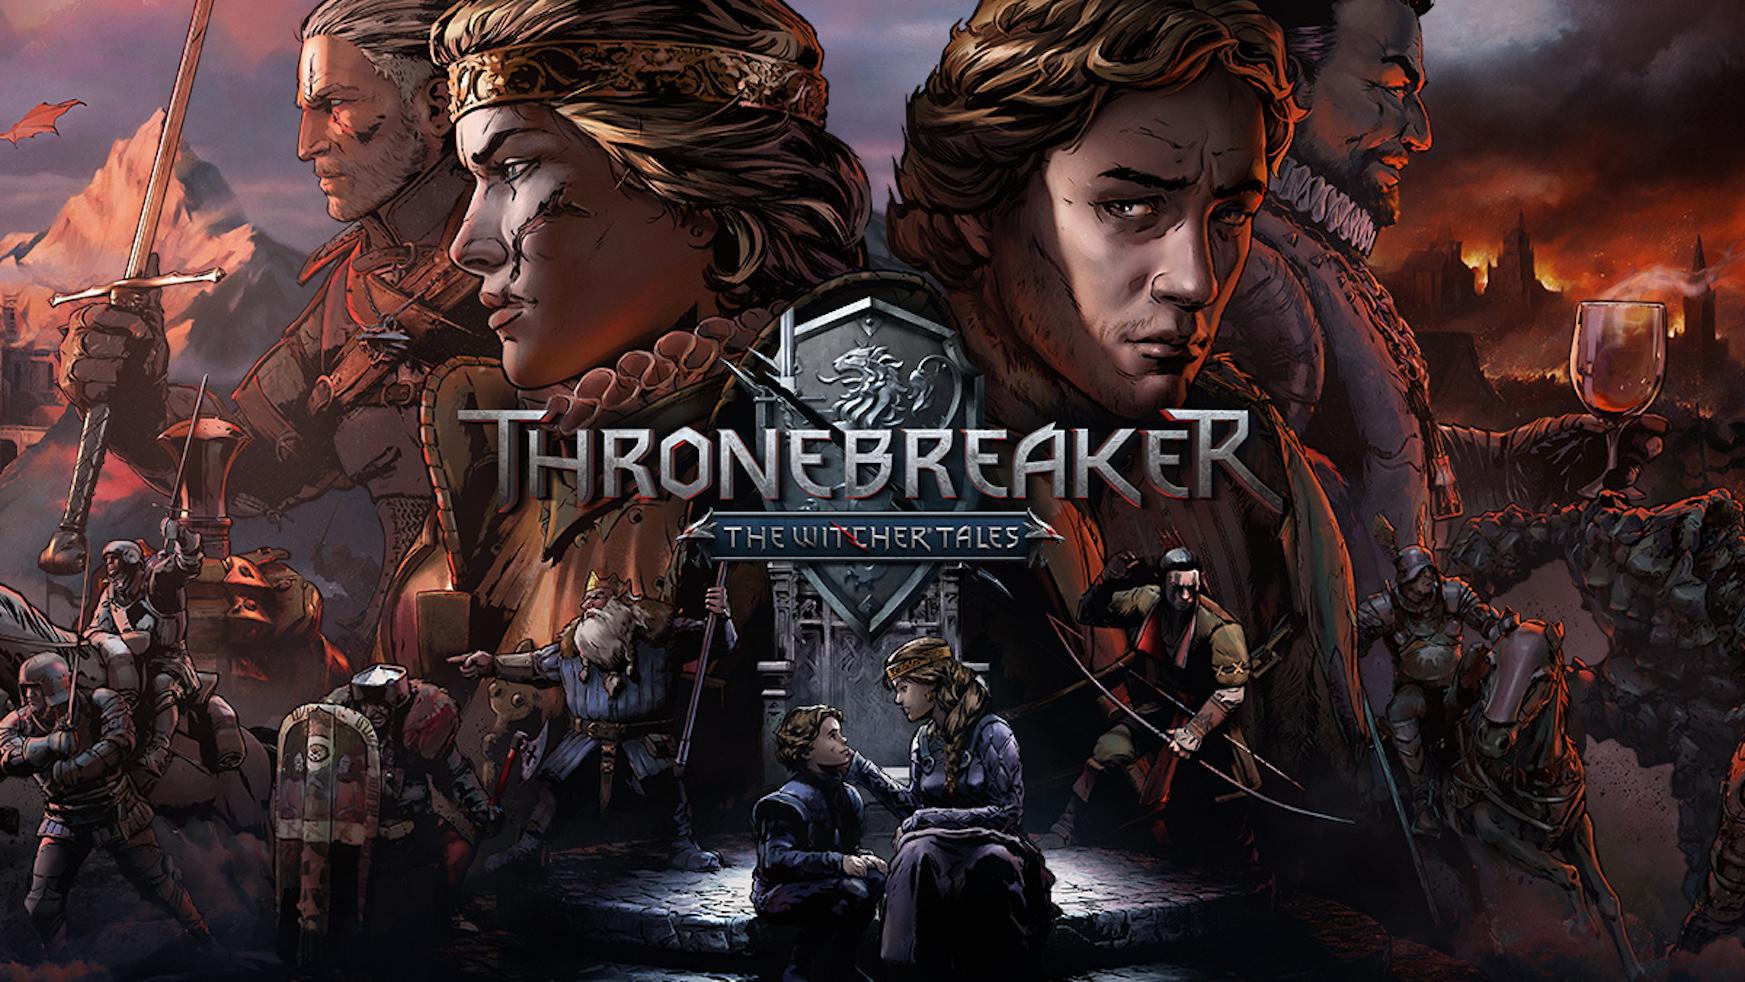 thronebreaker wiedzminskie opowiesci wojna krwi xbox game pass kingdom hearts no mans sky